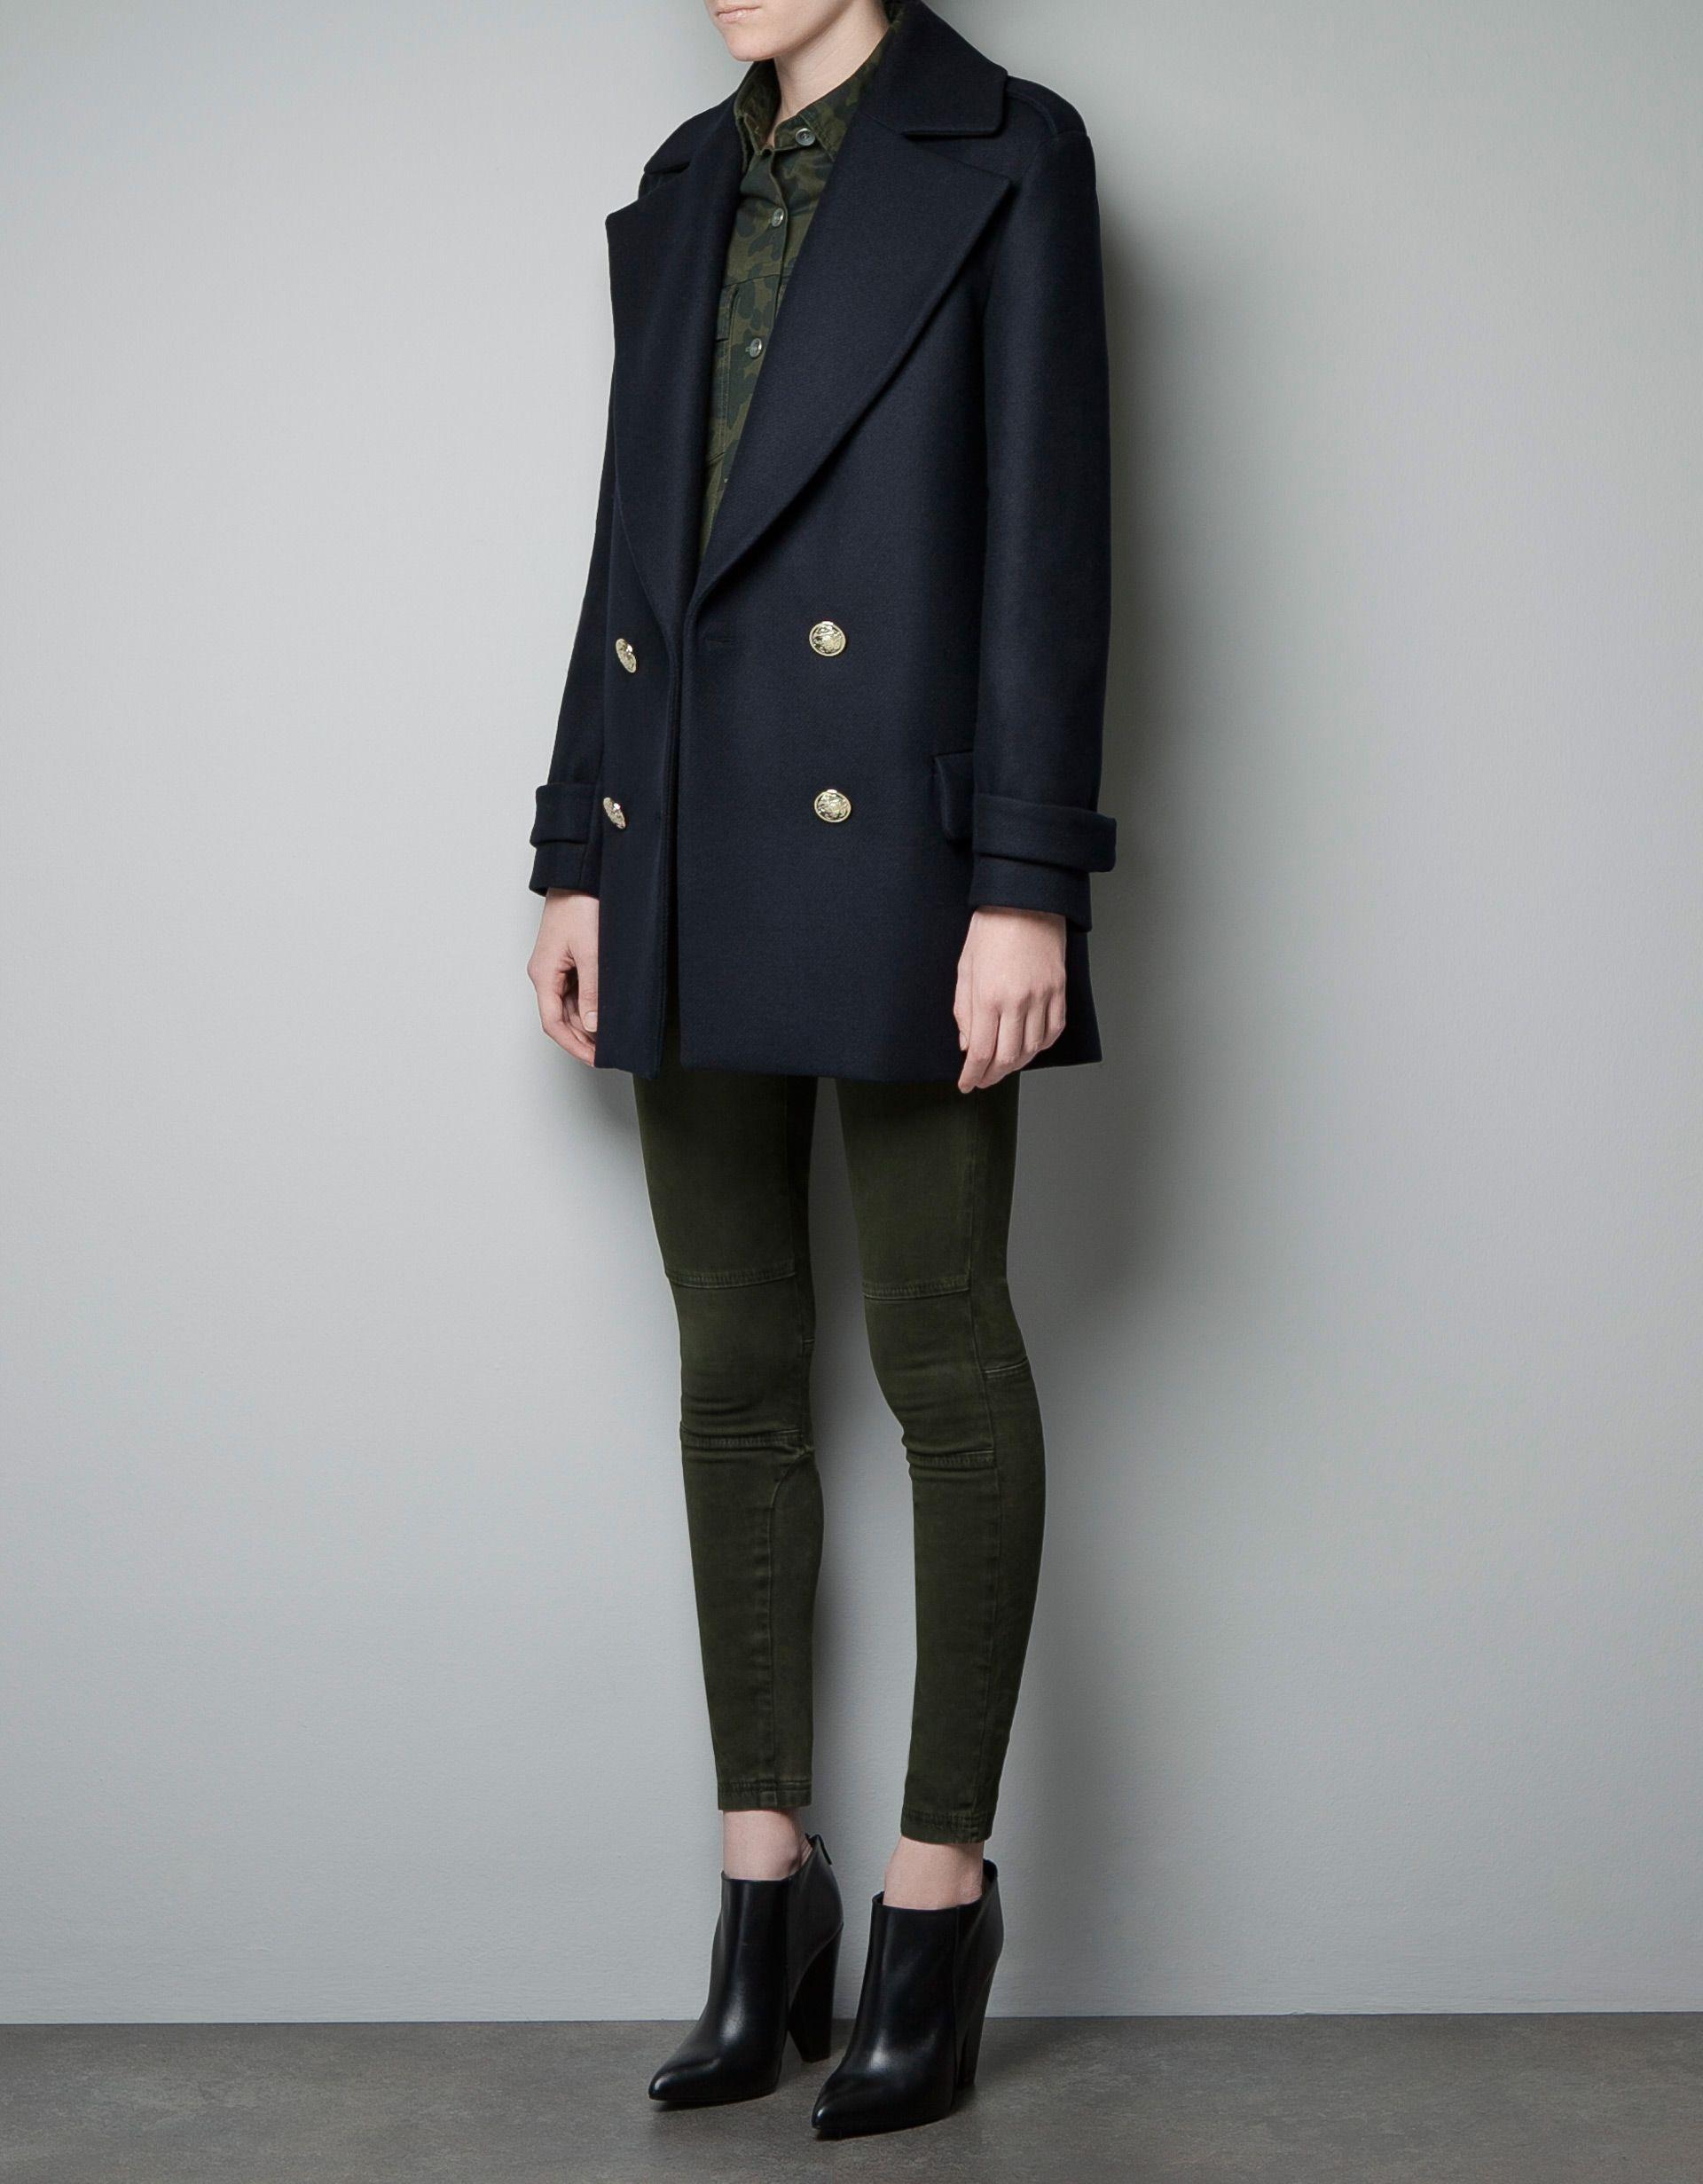 Zara Short Military Coat - restocked annually   Want   Pinterest ...